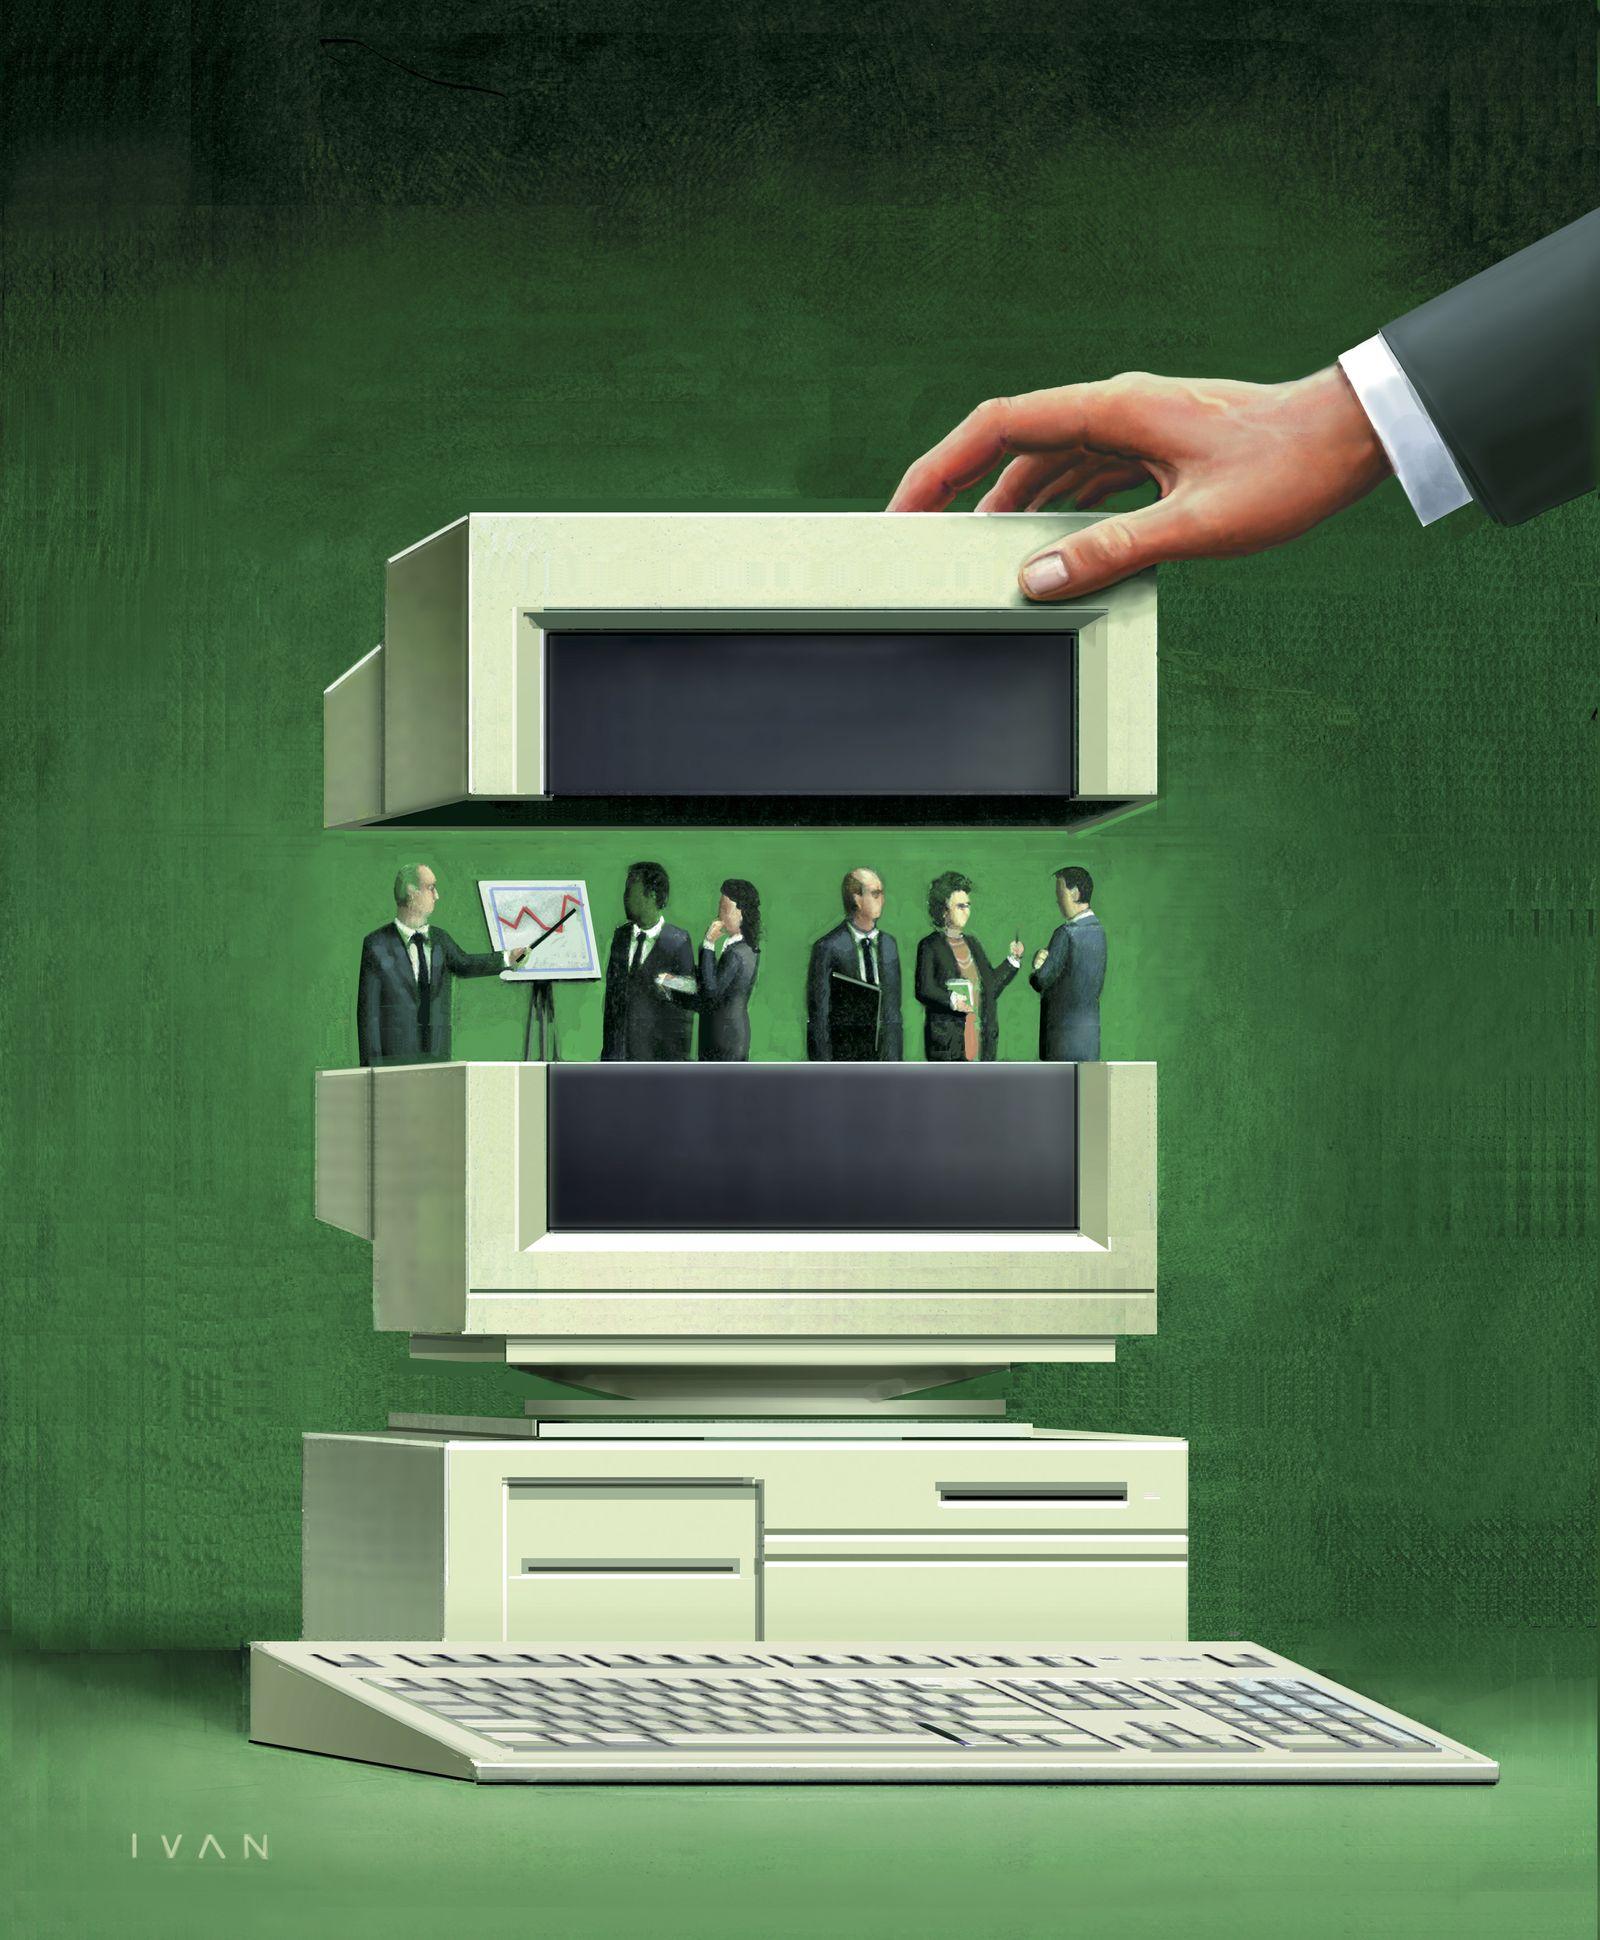 NICHT MEHR VERWENDEN! - Anonym / Computer / Datenschutz